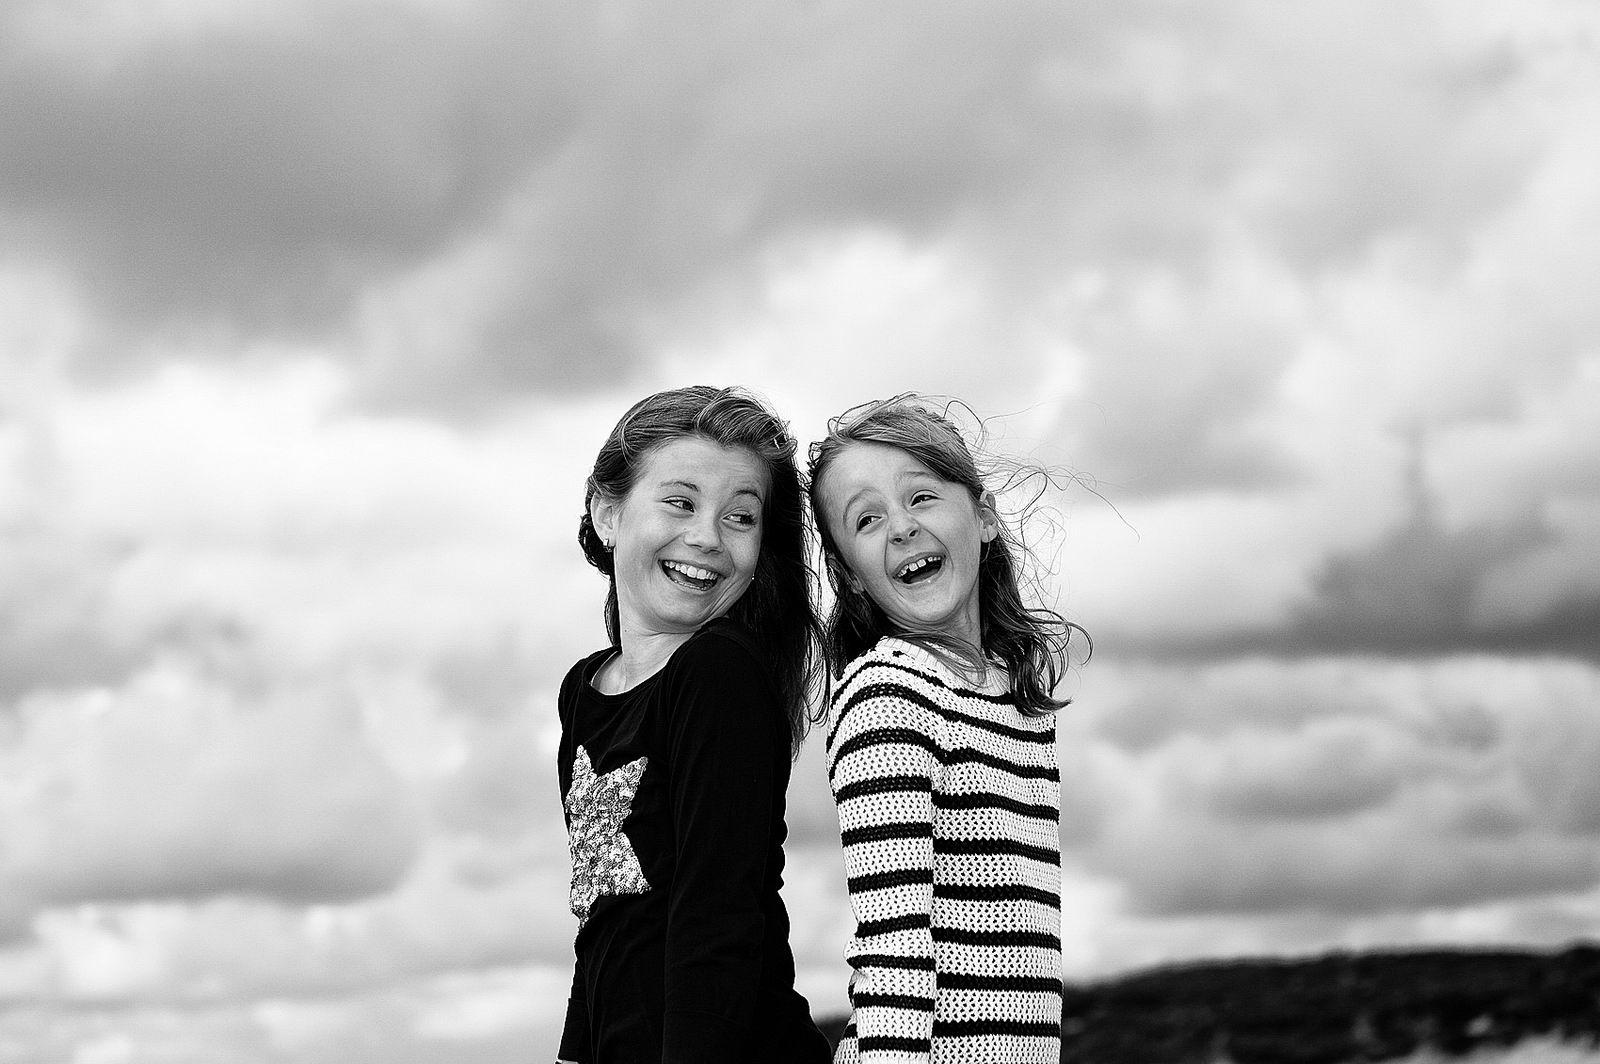 Zwei Mädchen posieren für den Fotografen vor der morsumer Wattlandschaft auf der Insel Sylt. Sie stehen Rücken am Rücken und lächeln herzlich